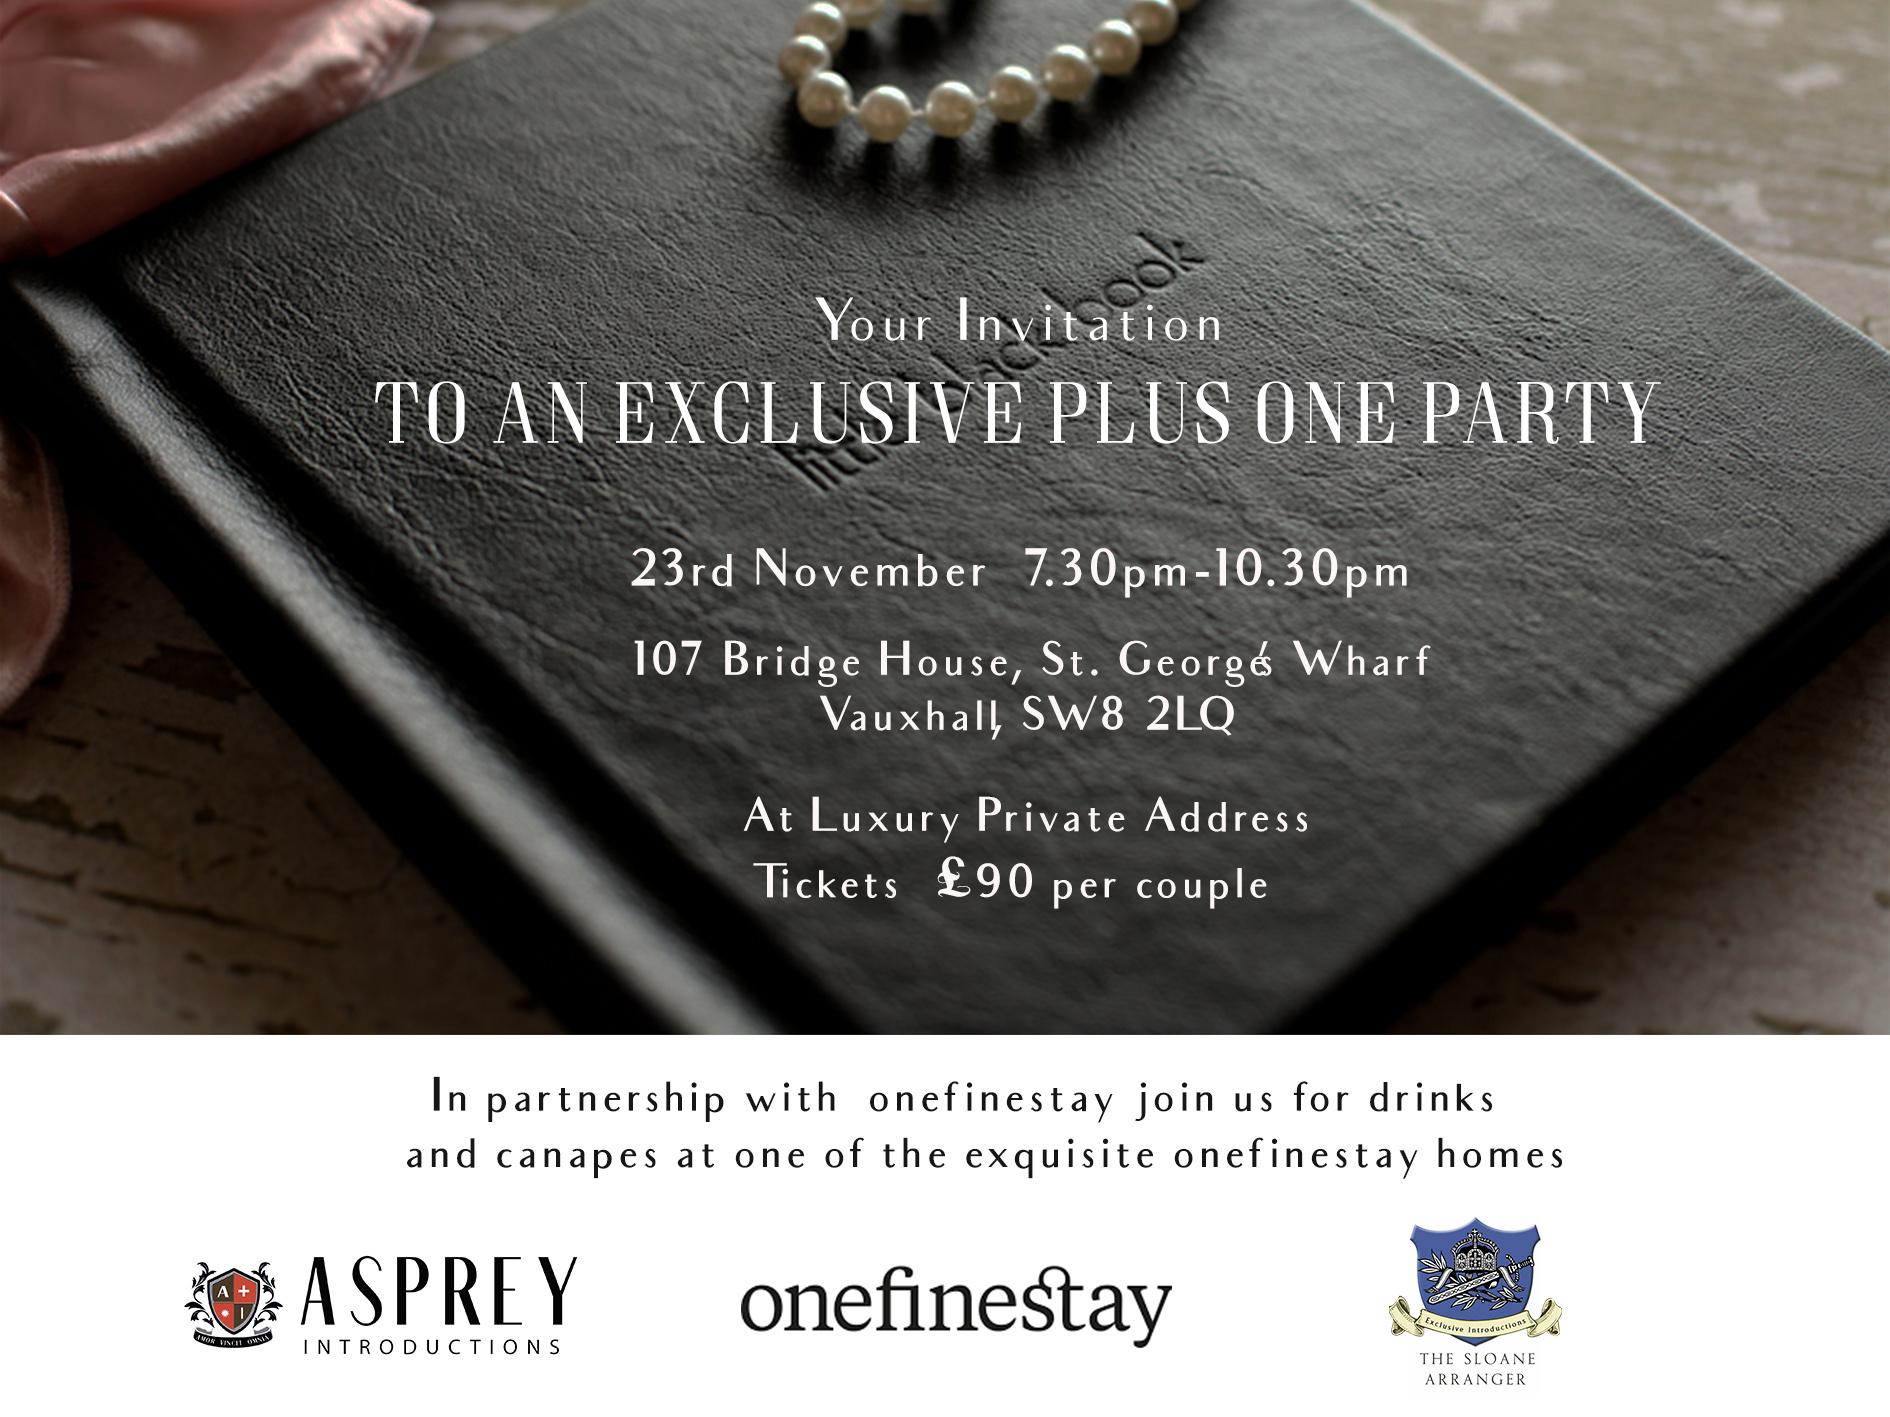 invitation3.jpg